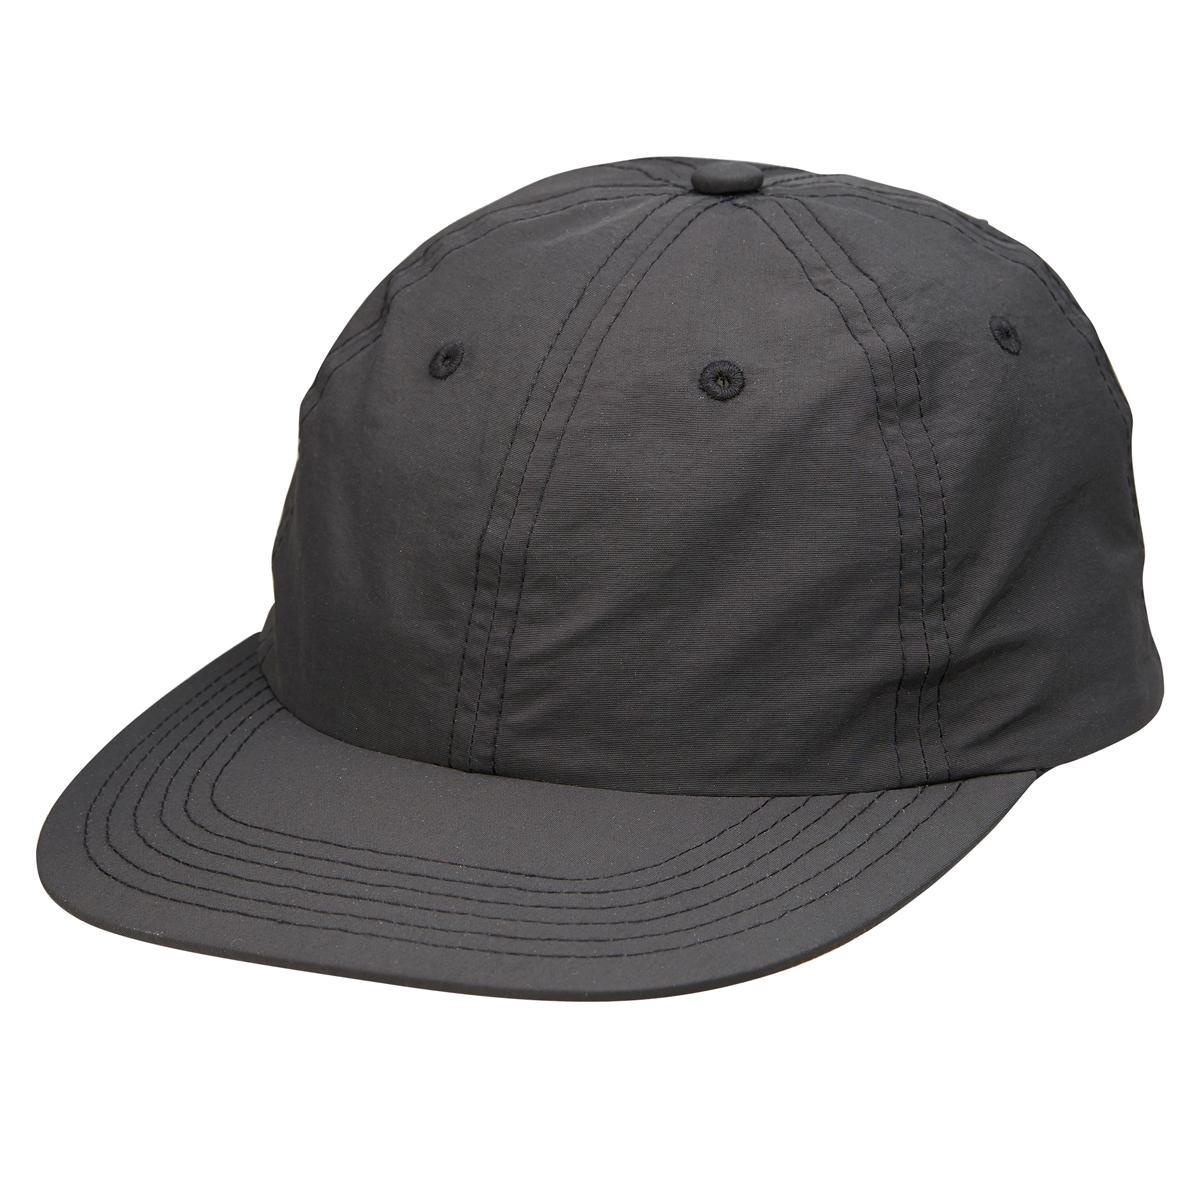 黒色のベースボールキャップ